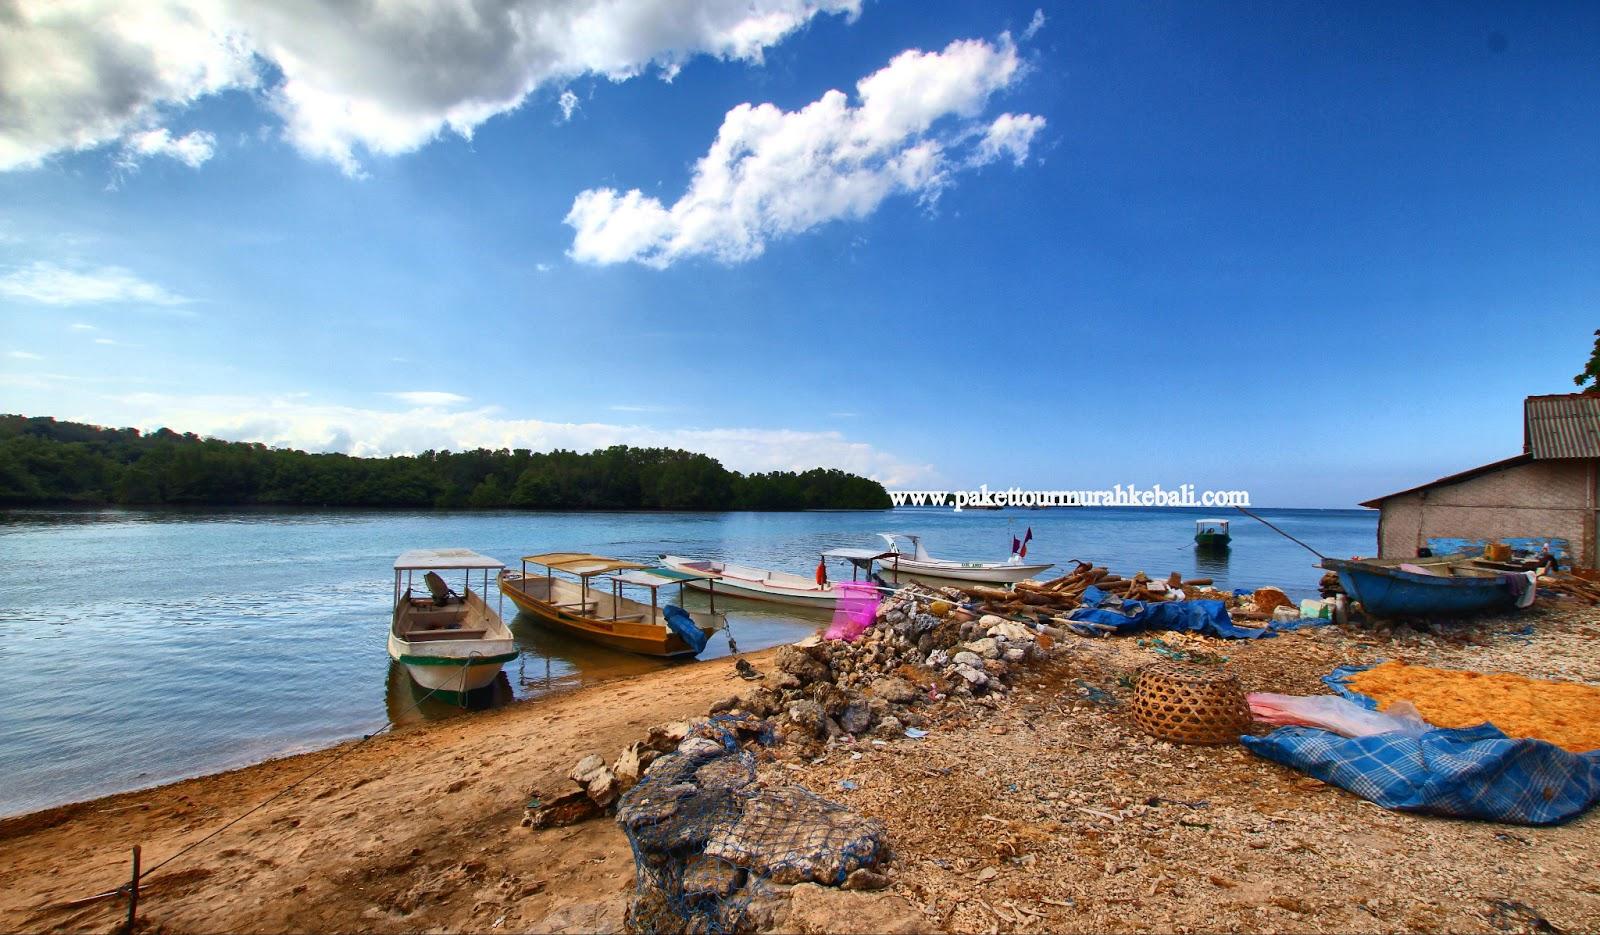 Jelajah 3 Pulau Bali Lembongan Gili Trawangan Dalam 4 Hari Malam Paket Watersports Tanjung Benoa Include Lunch Mari Berpetualang Menjelajah